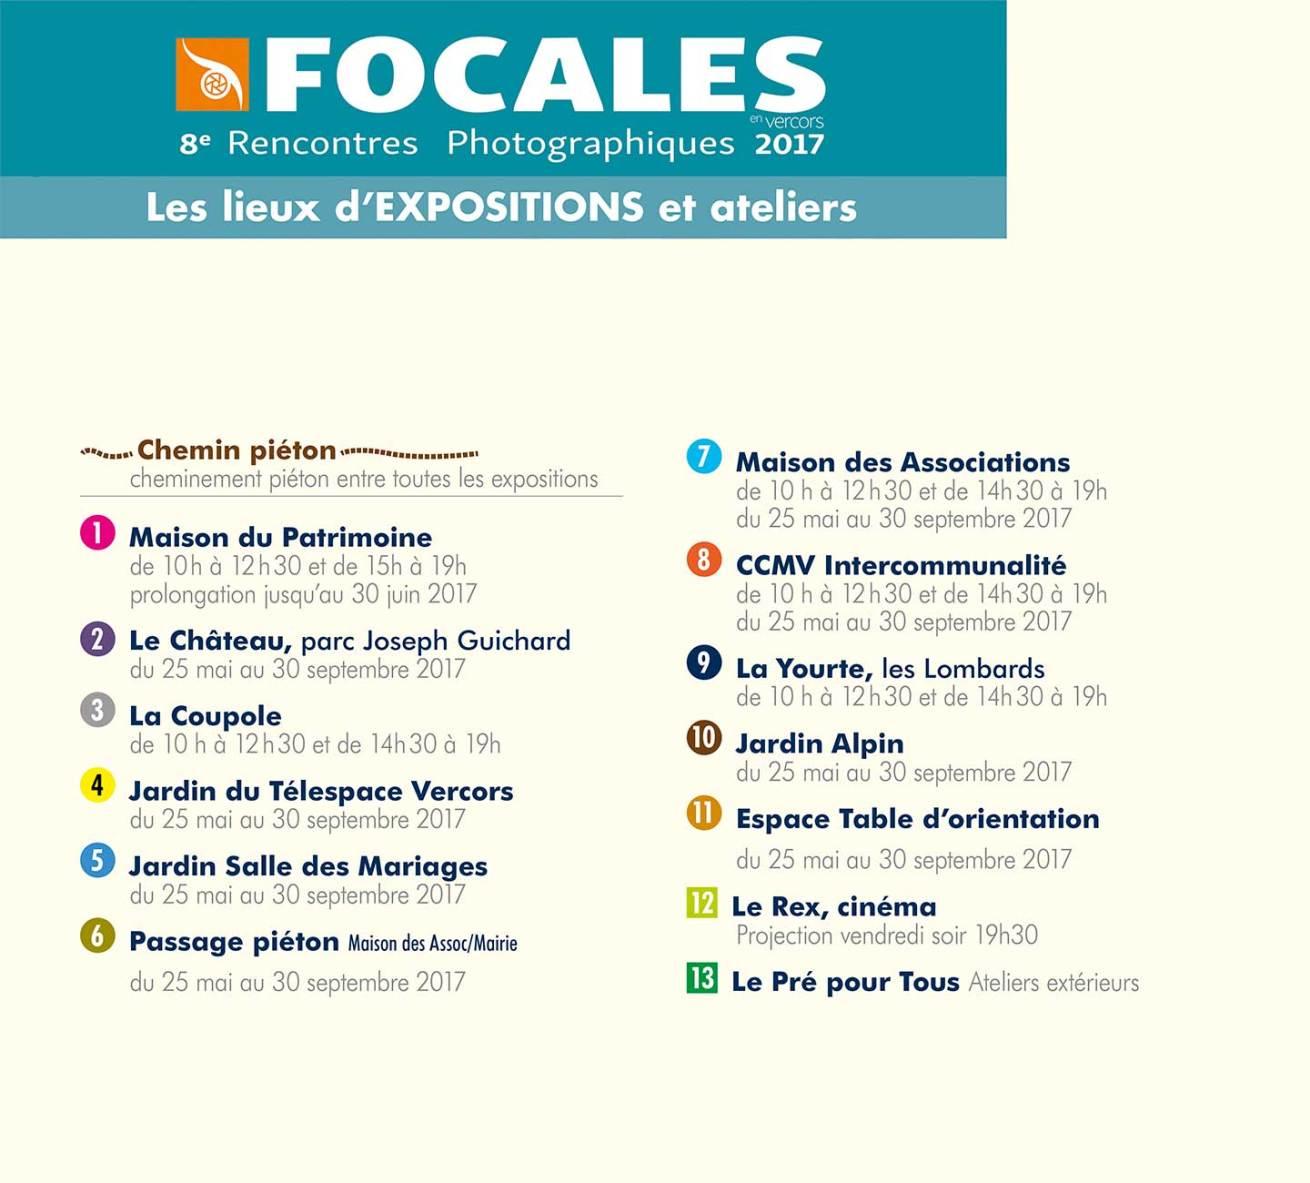 Photo festival Focales en Vercors, practical information: Layout details